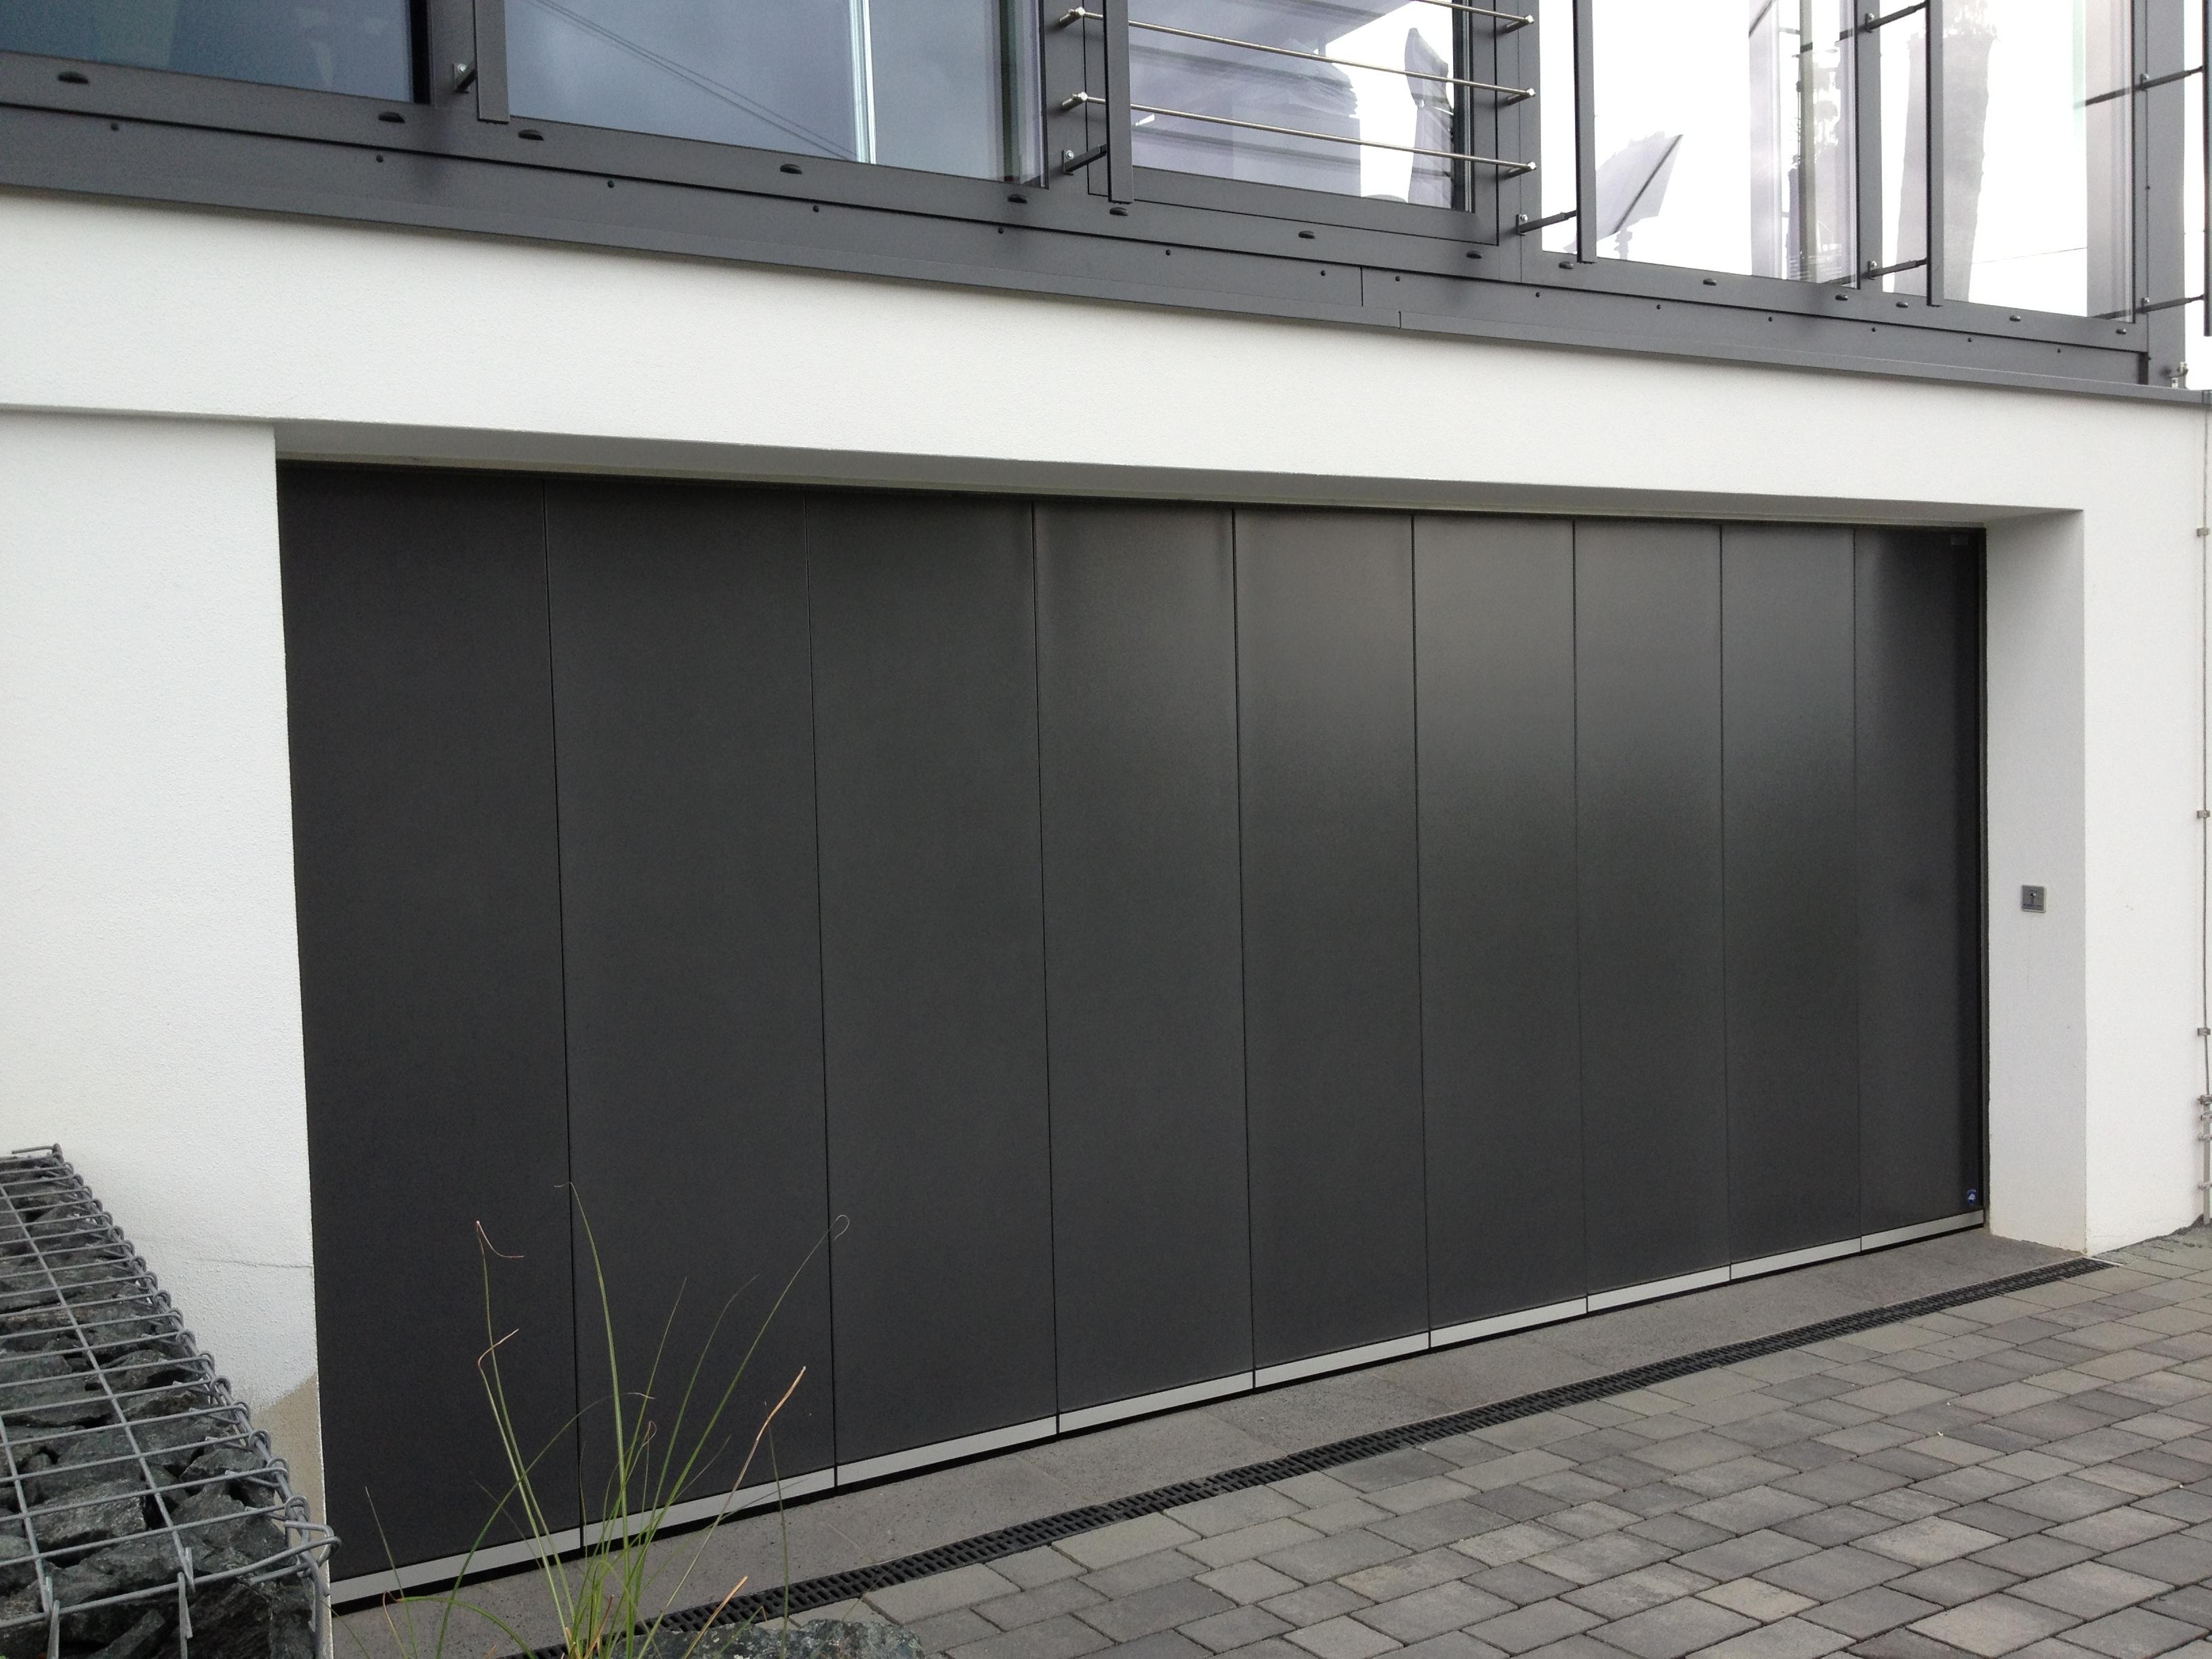 garagentor elektrisch fkh. Black Bedroom Furniture Sets. Home Design Ideas